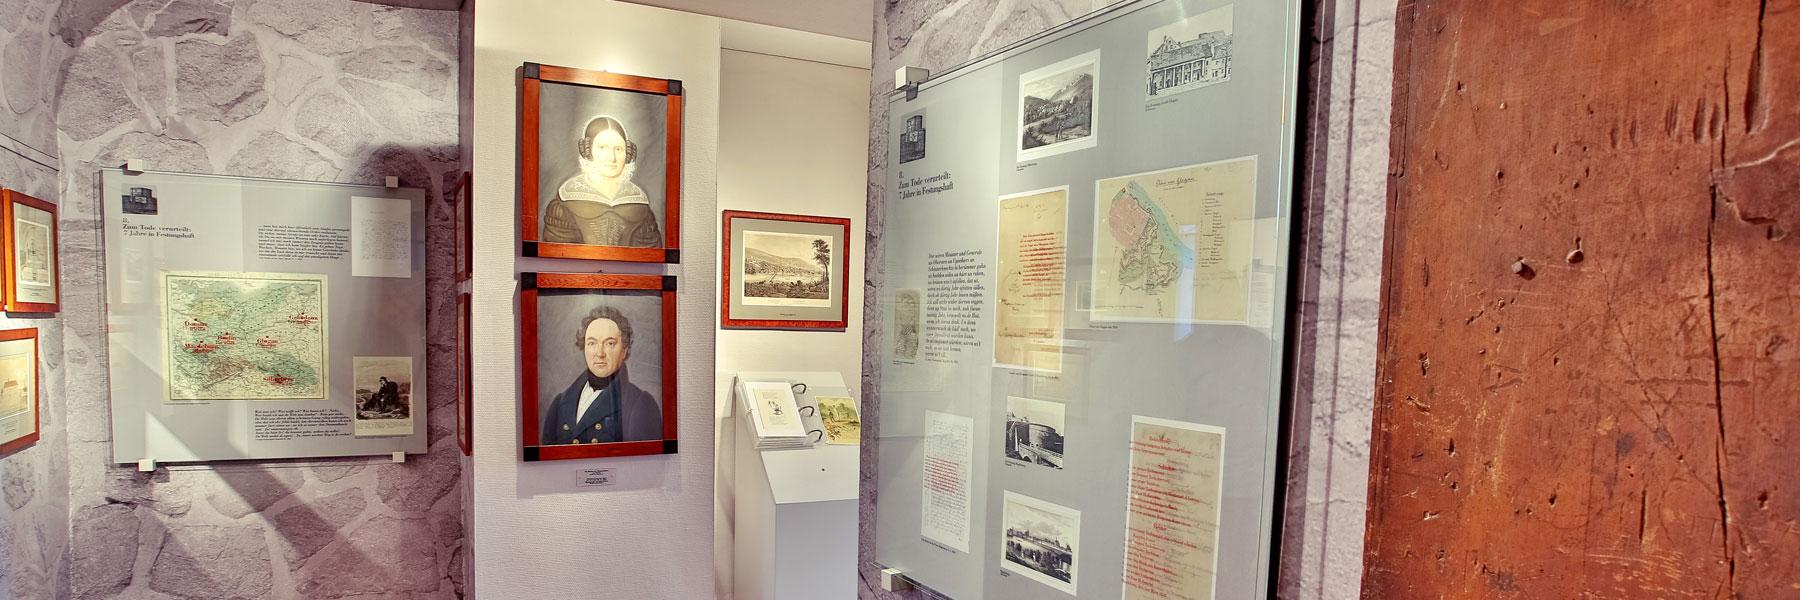 Ausstellung Festungszeit - Fritz-Reuter-Literaturmuseum